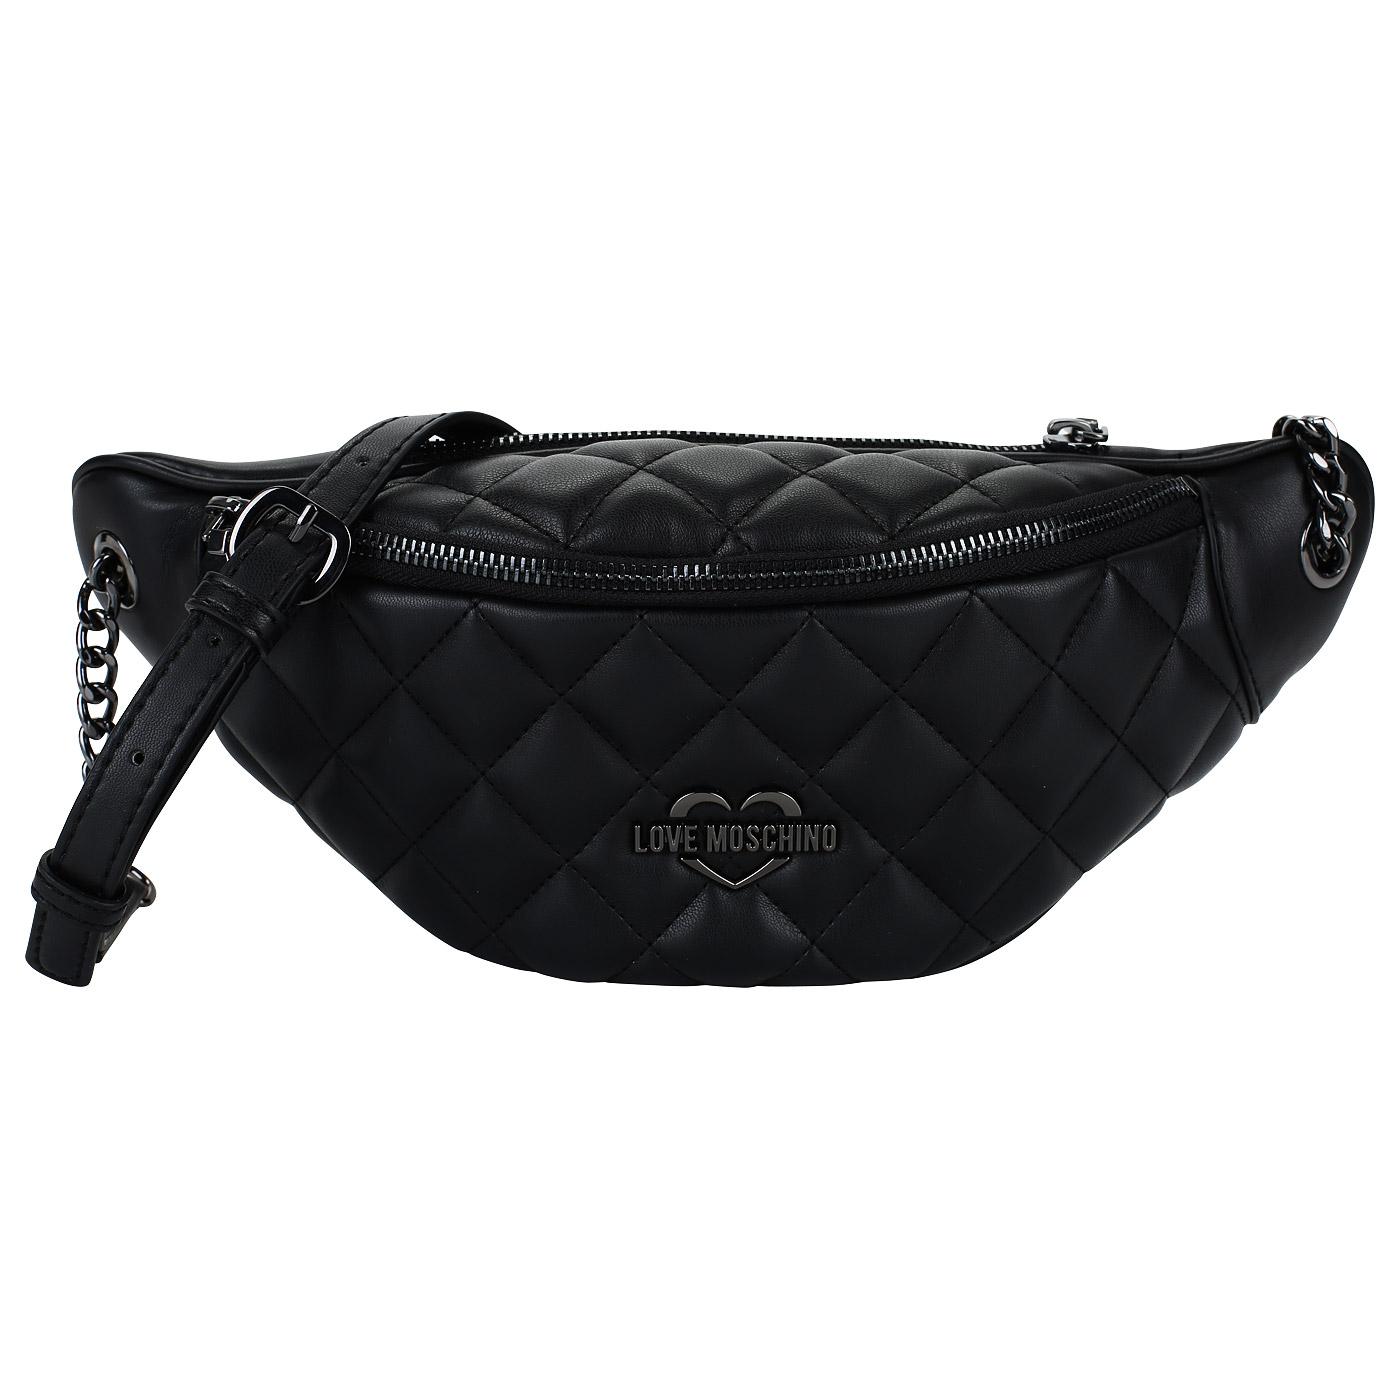 16328ccb933e ... Женская черная поясная сумка Love Moschino Quilted Metallic ...